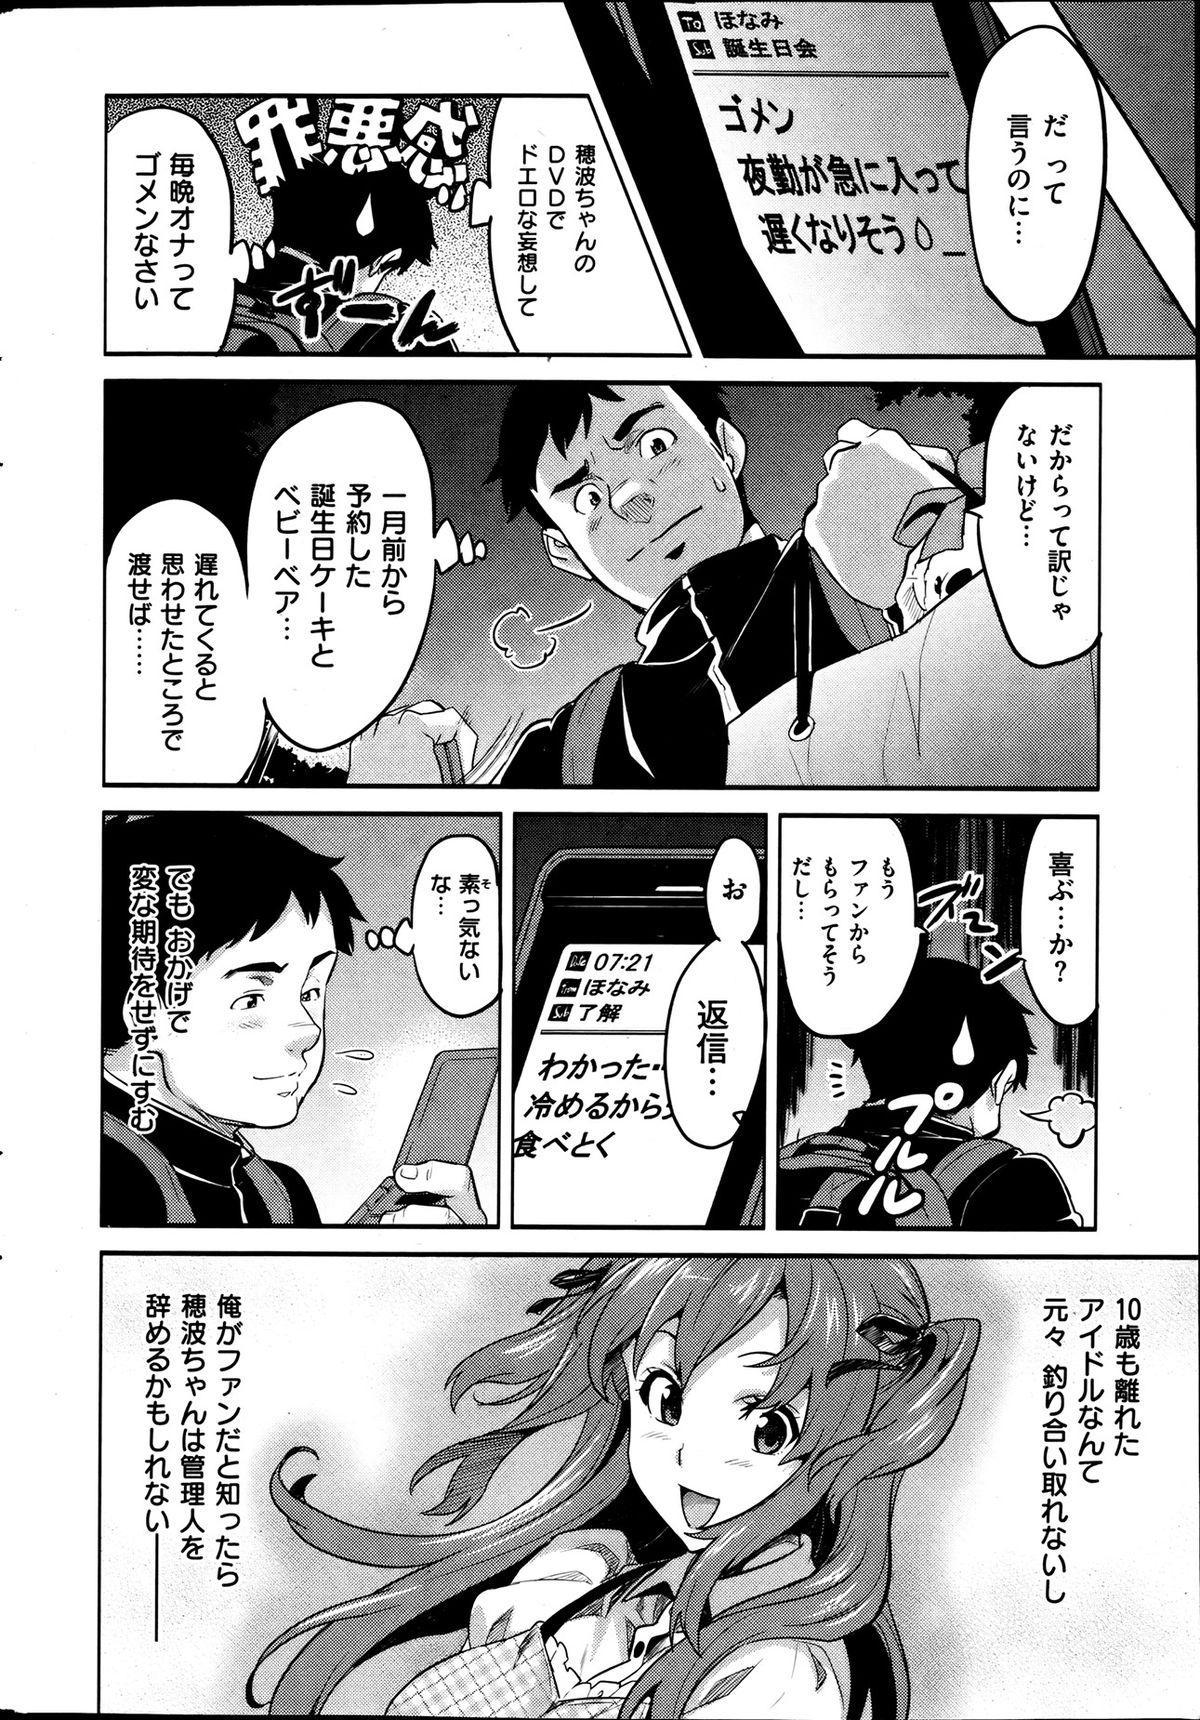 COMIC HANA-MAN 2013-08 Takeda Hiromitsu Tokushuu 11